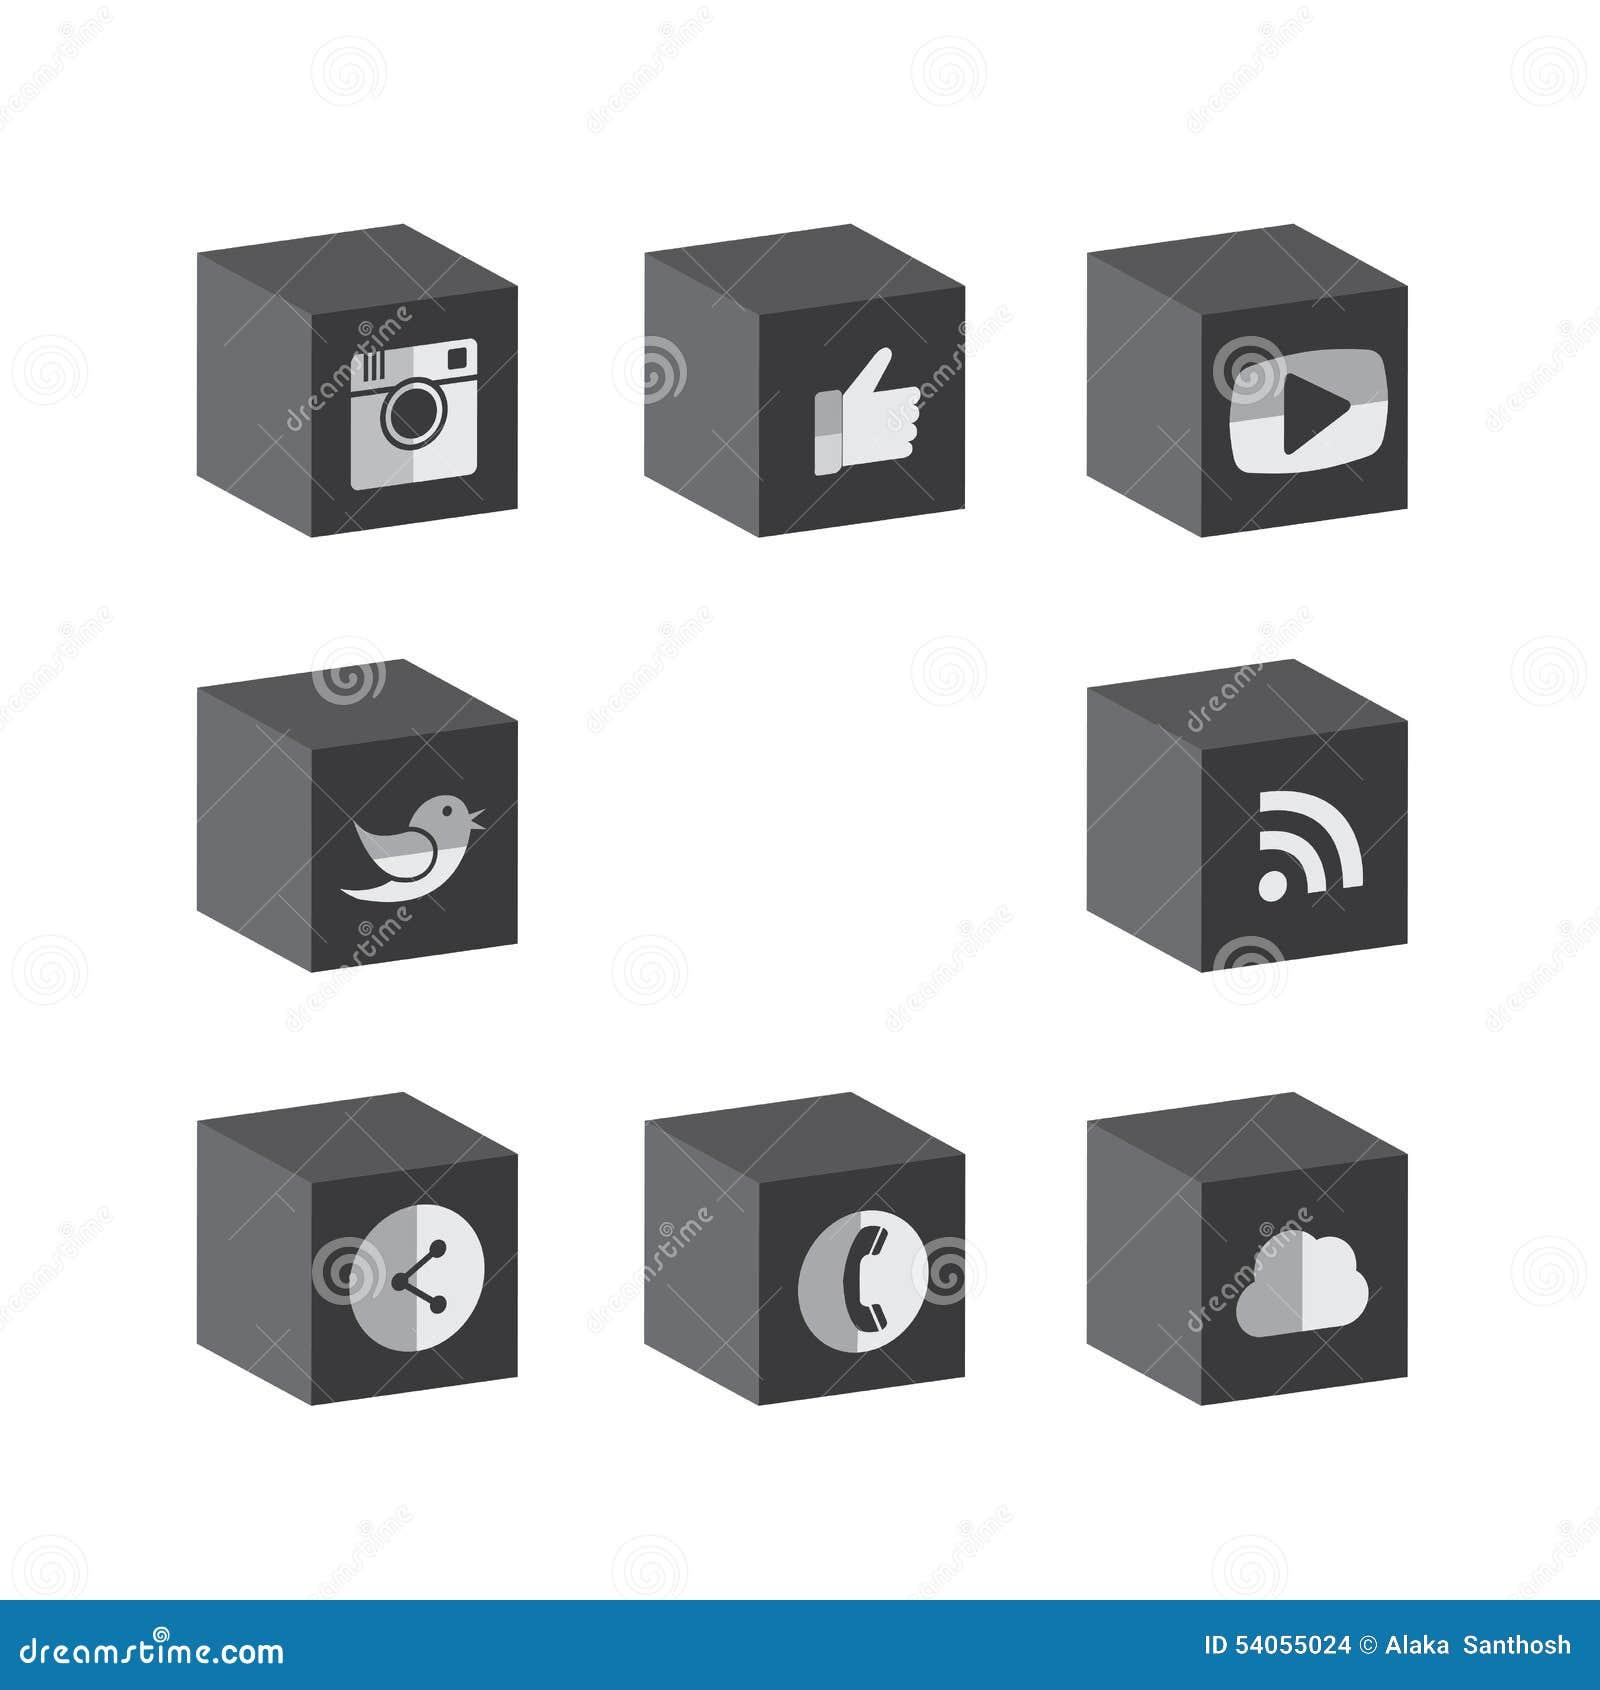 Επίπεδα τρισδιάστατα σχέδια κουμπιών κύβων μαύρα & άσπρα της κάμερας, όπως, messe